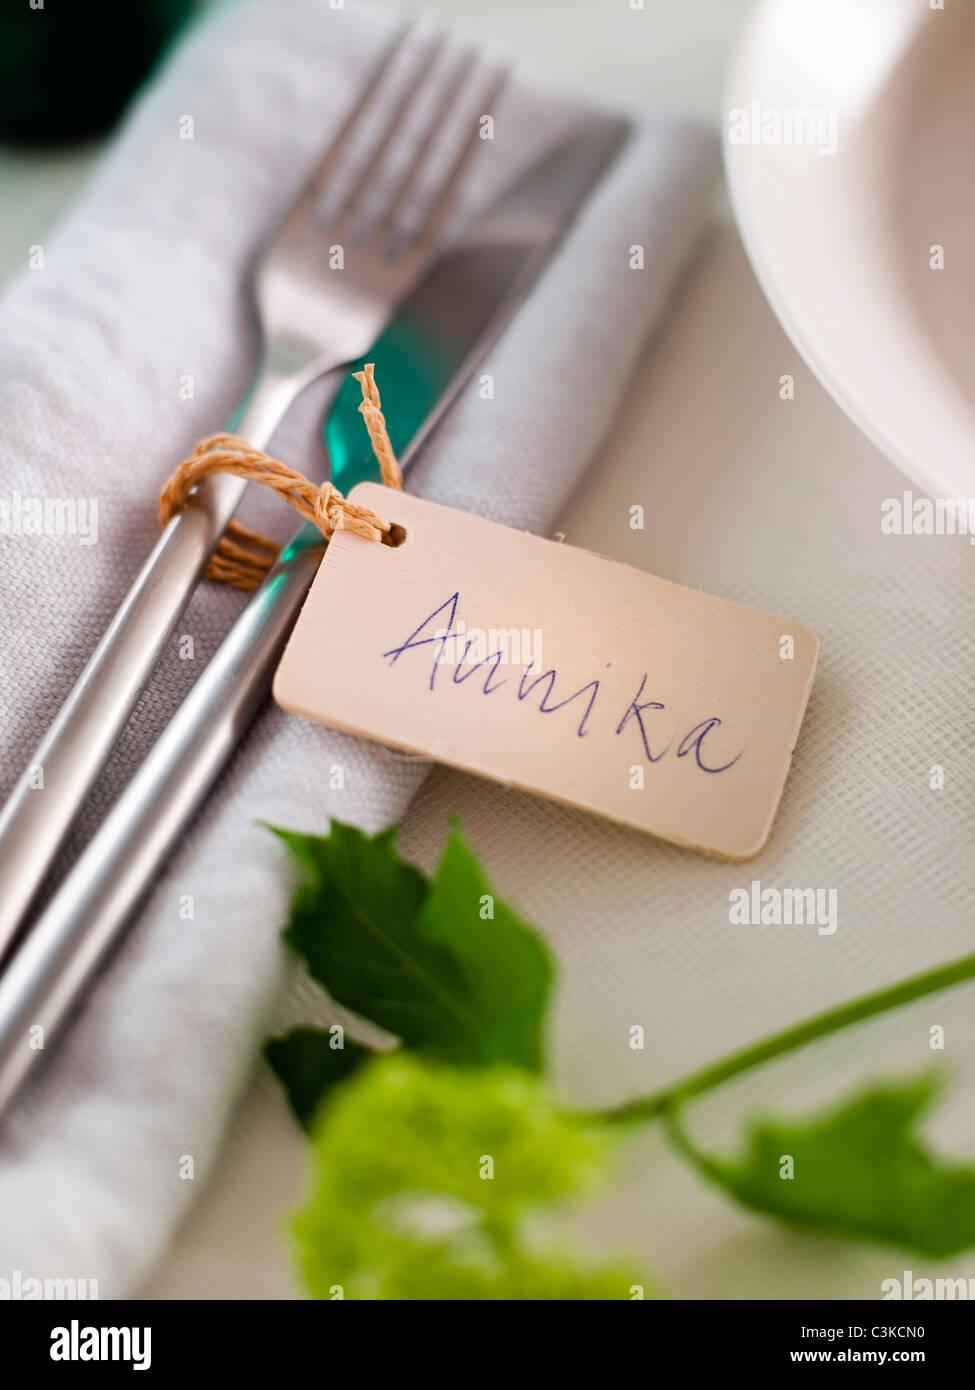 Besteck auf Serviette mit Tischkarte Stockbild